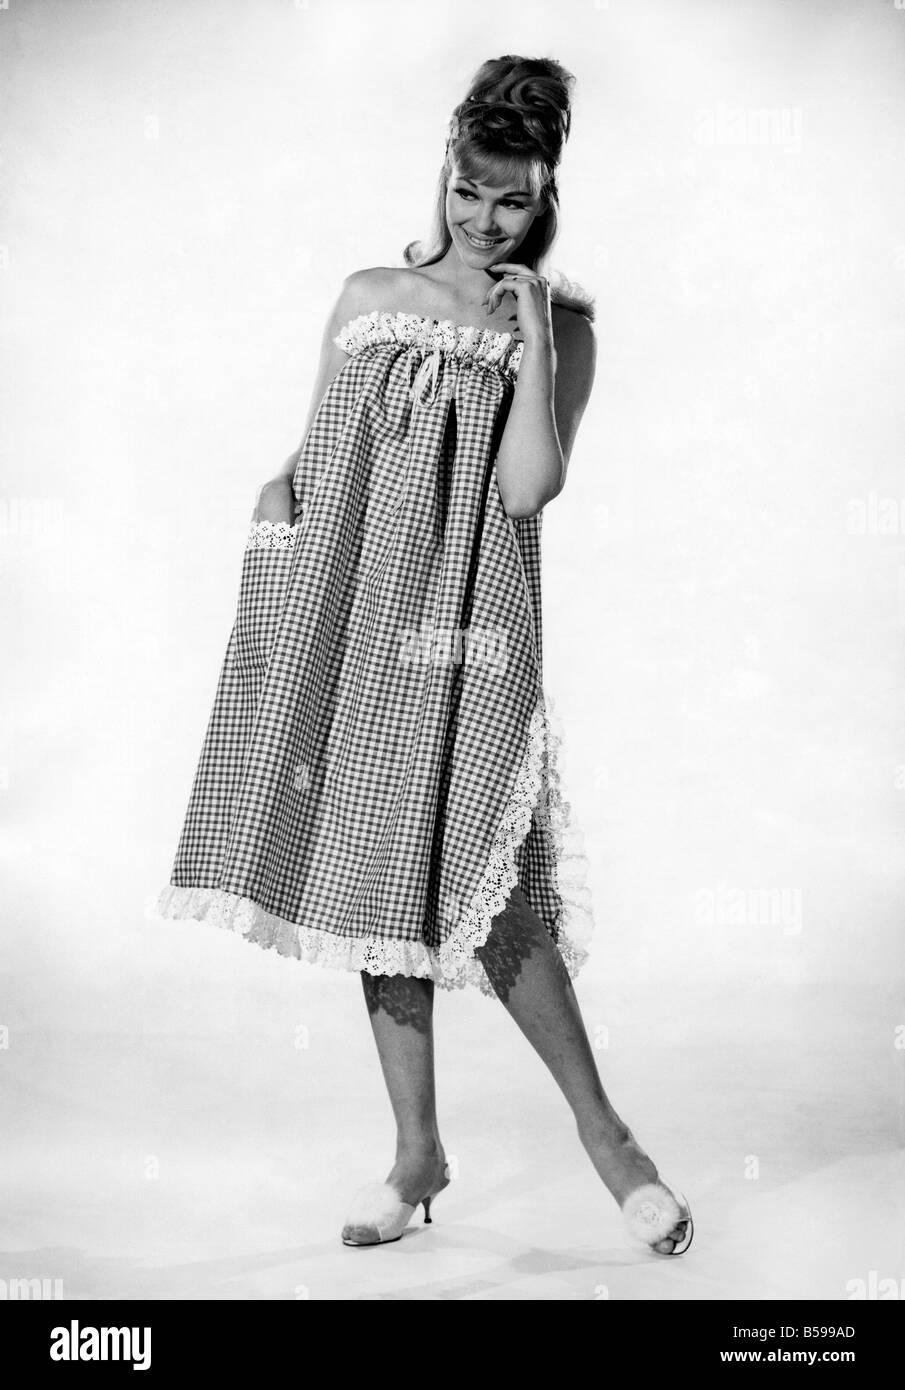 La Diane Fashions: Waring. portant une robe de nuit longueur trois-quarts. Août 1964 P007605 Photo Stock